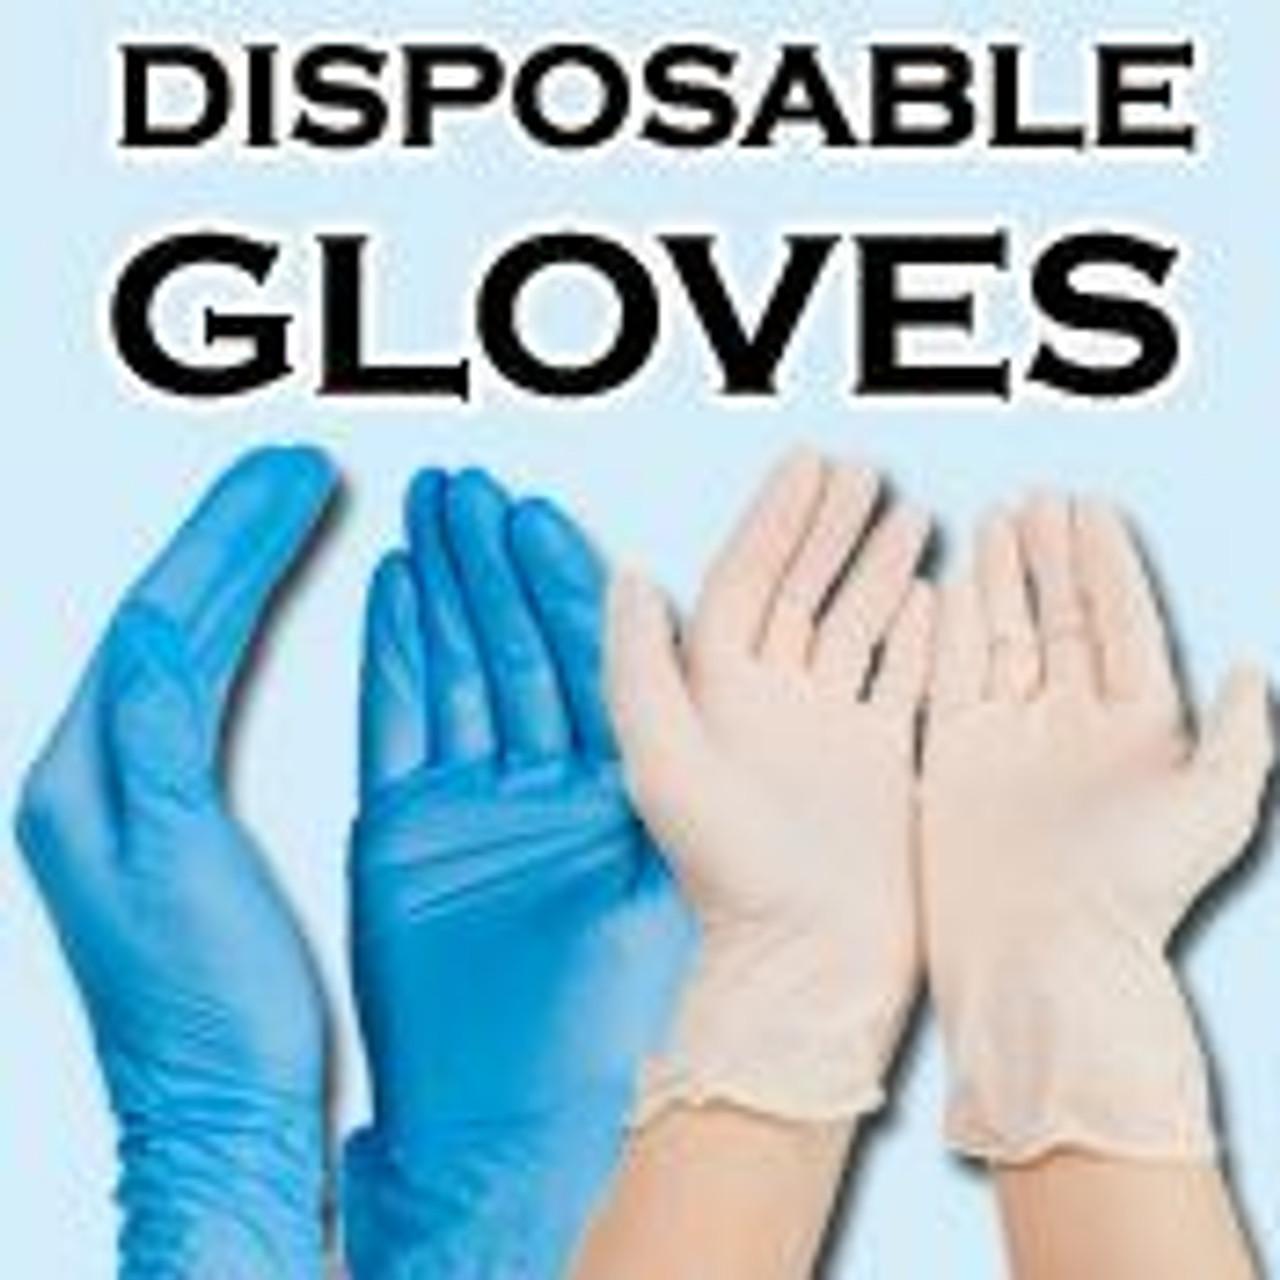 Disposable Gloves & Masks